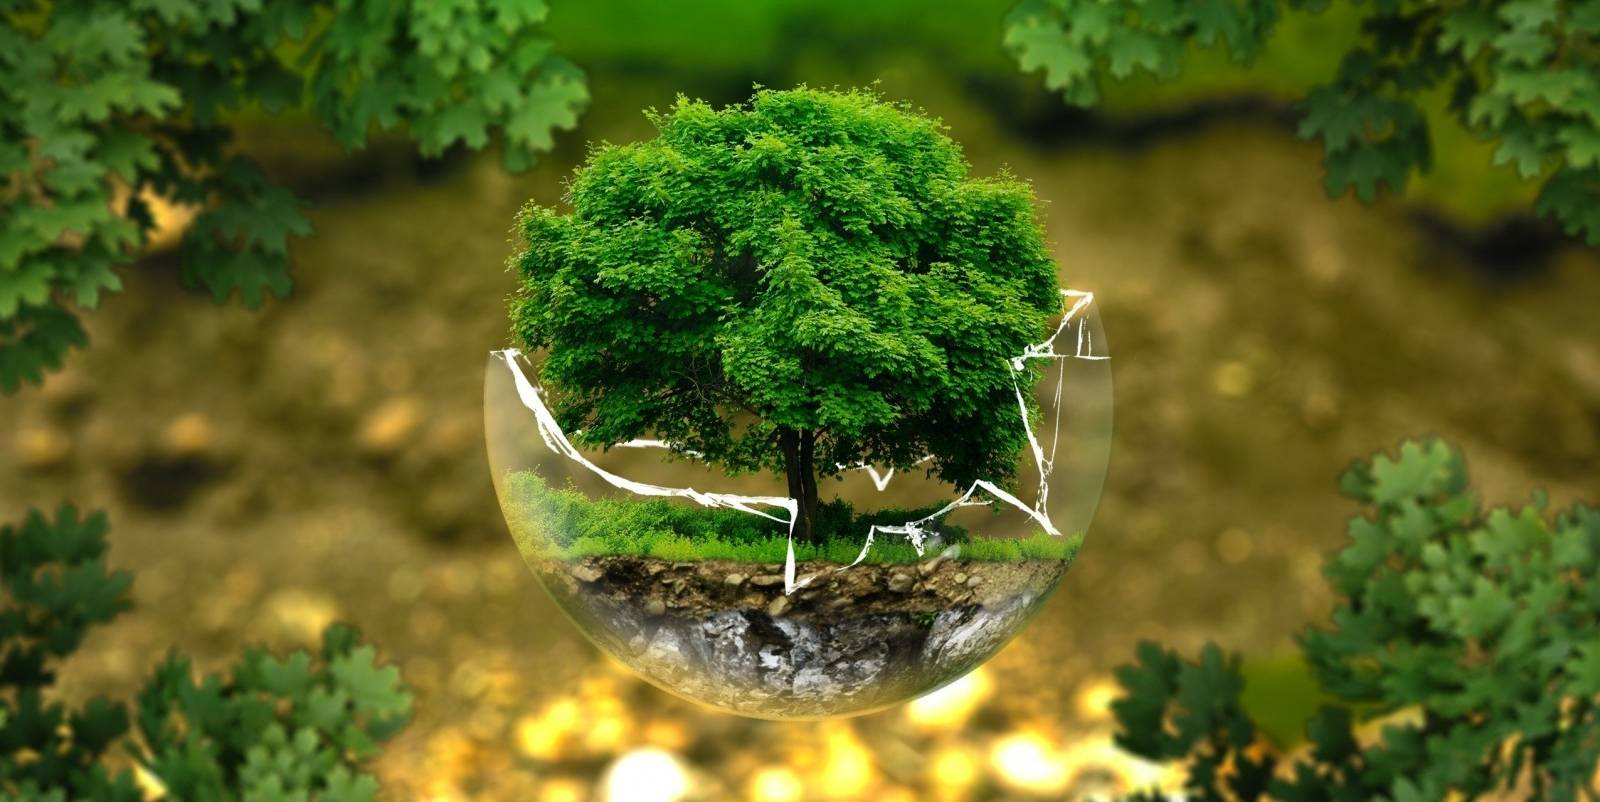 ecosia le moteur de recherche colo qui plante des arbres est il g nial ou hypocrite archimag. Black Bedroom Furniture Sets. Home Design Ideas